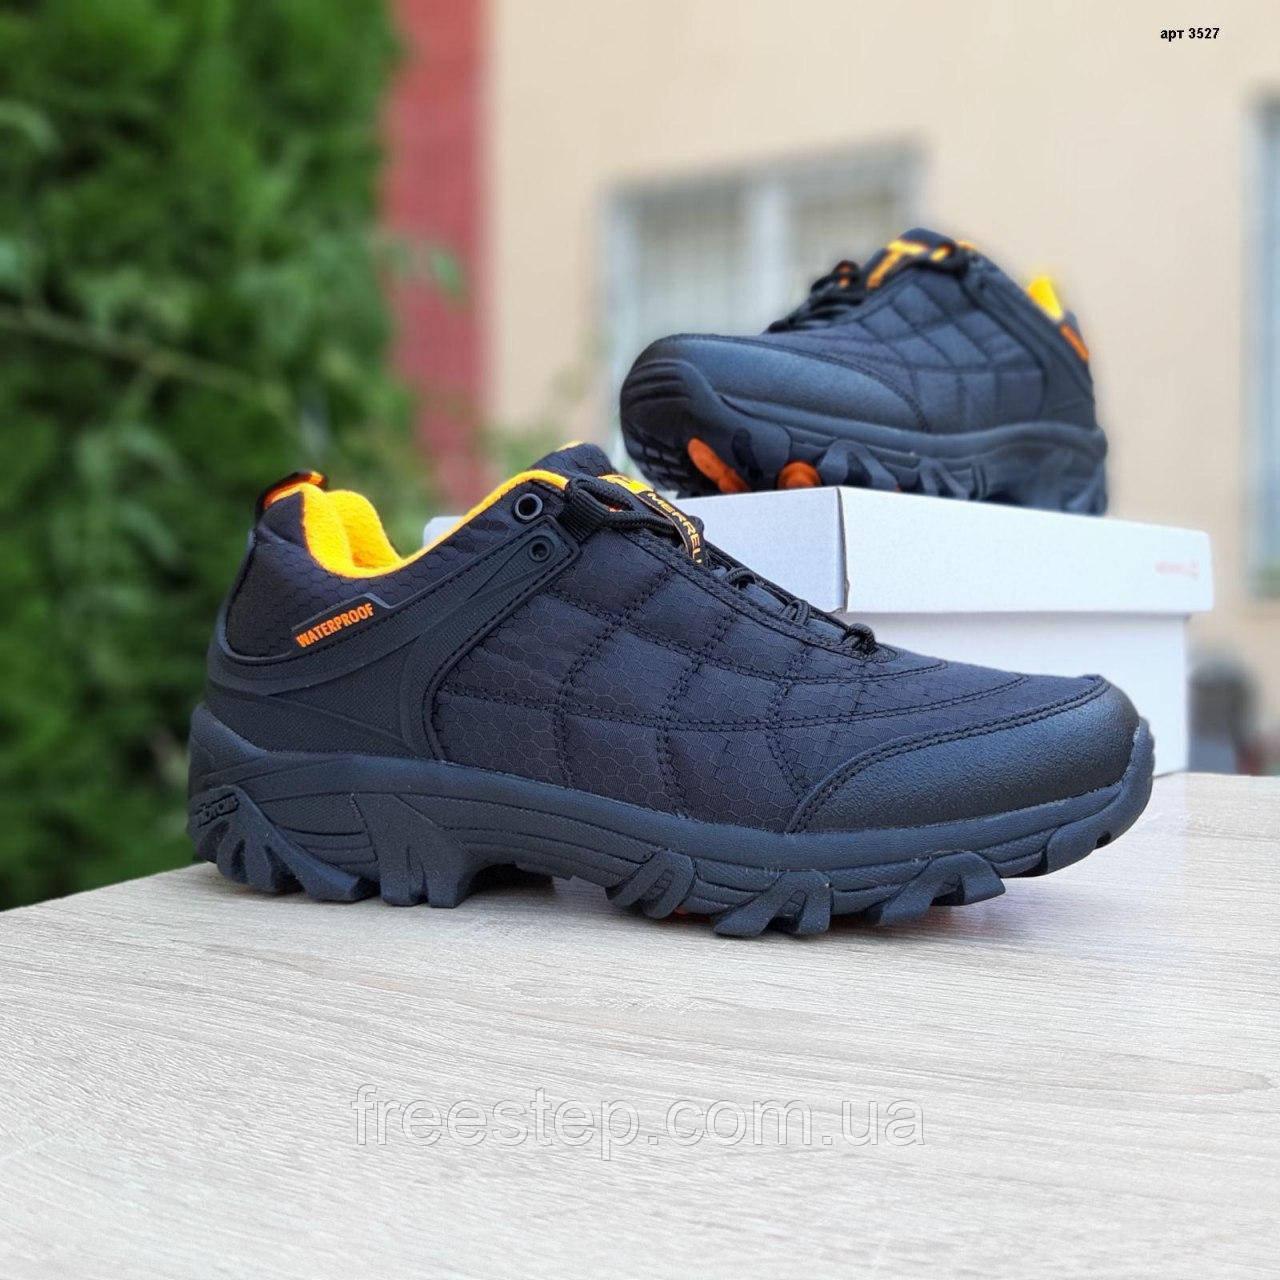 Чоловічі зимові кросівки Merrell Ice Cap Moc чорні з помаранчевим